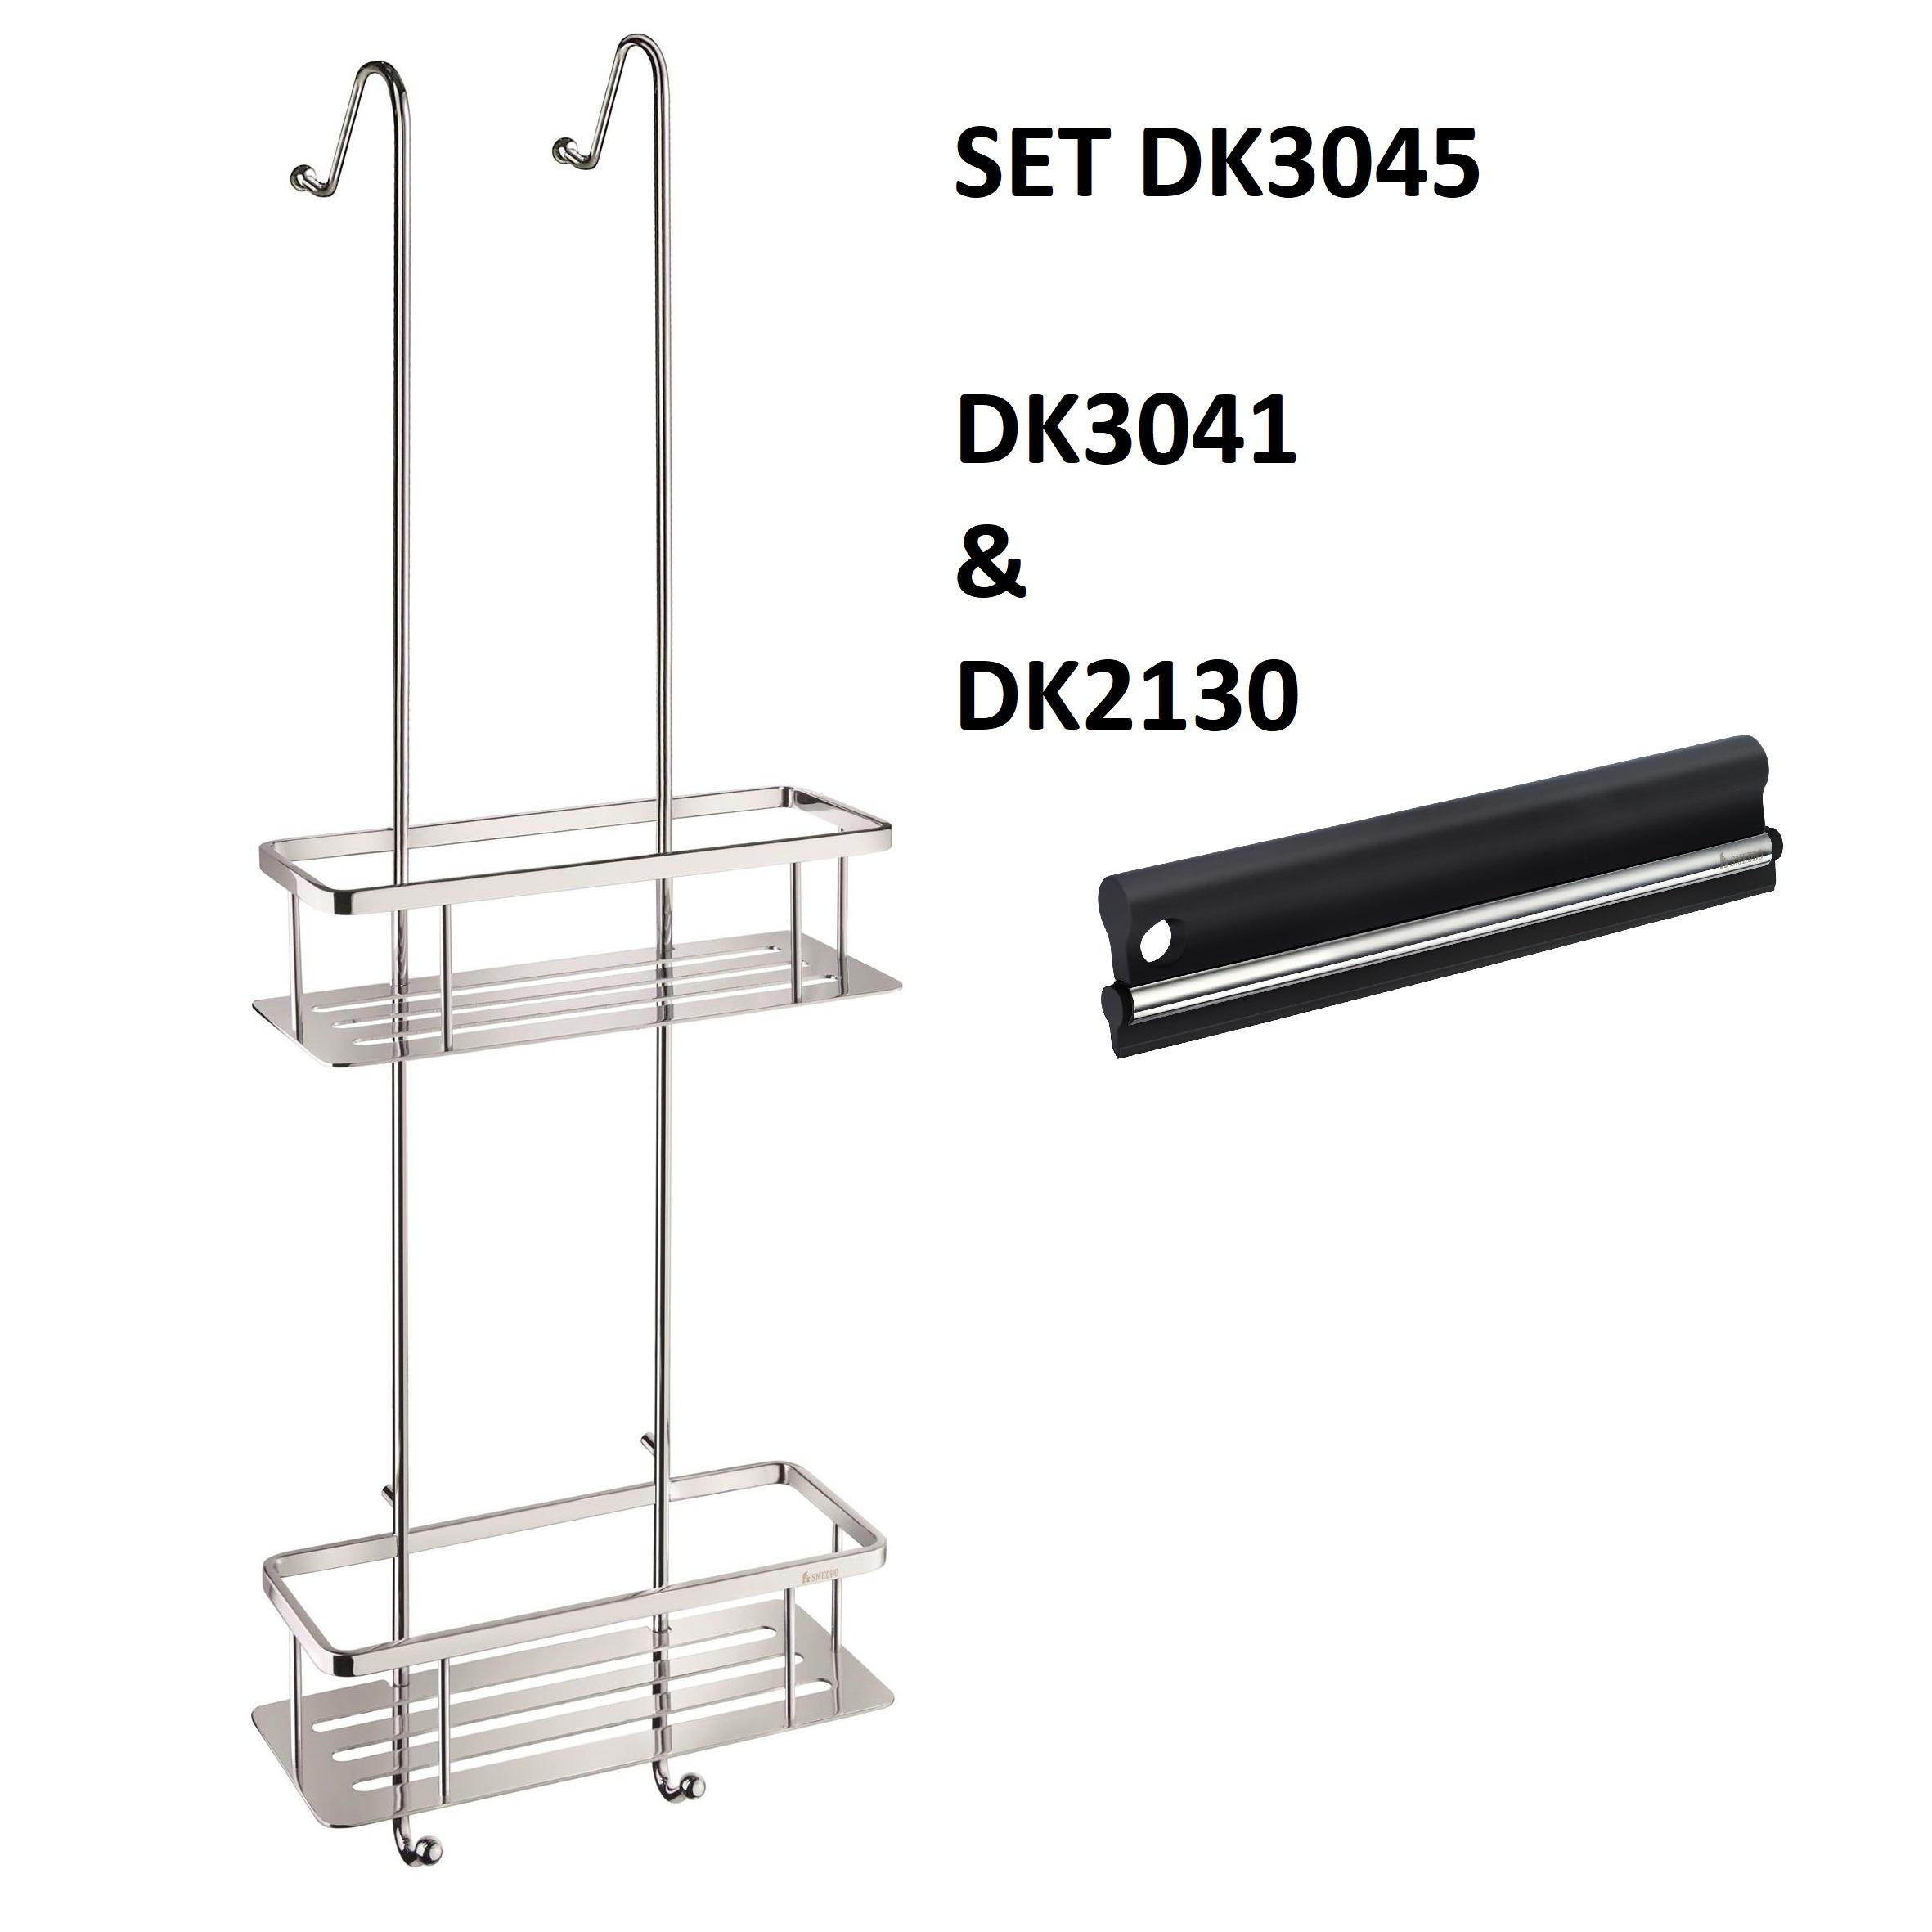 SMEDBO SIDELINE Duschkorb doppelt mit Bodenplatten messing verchromt glänzend Seifenkorb DK3041 mit Abzieher DK2130